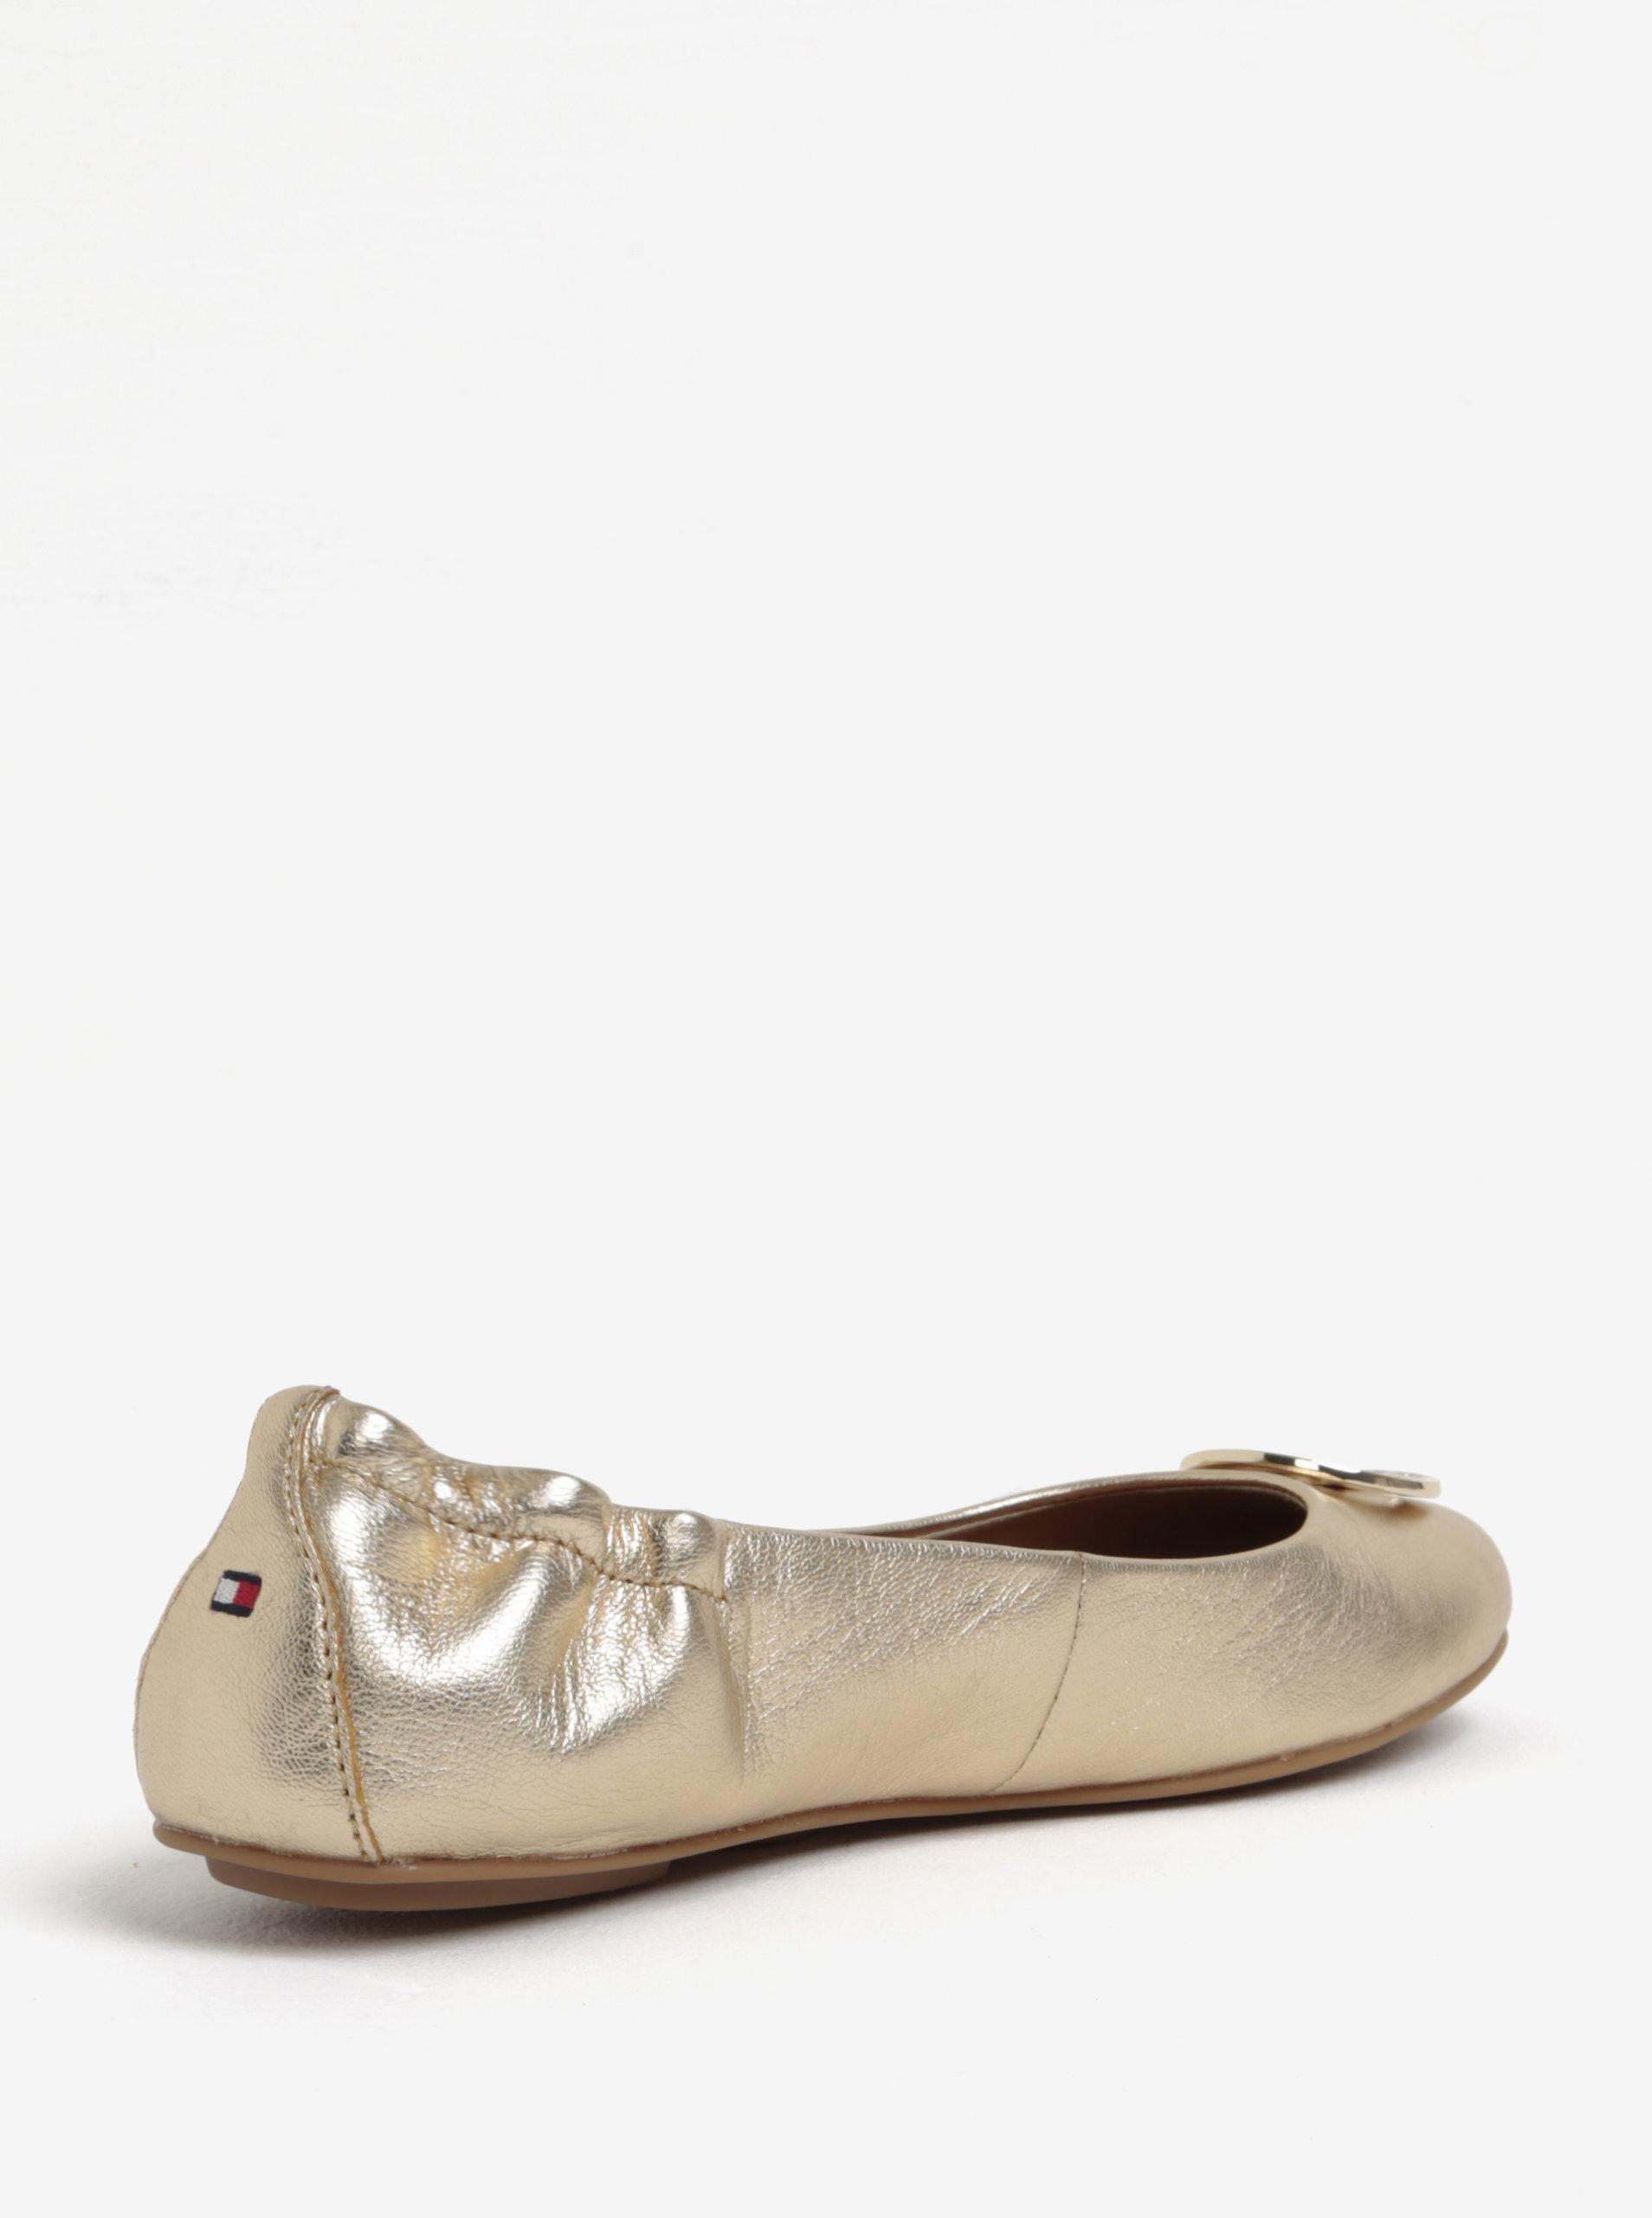 0cd0aa2bb3c Dámské kožené baleríny ve zlaté barvě Tommy Hilfiger ...